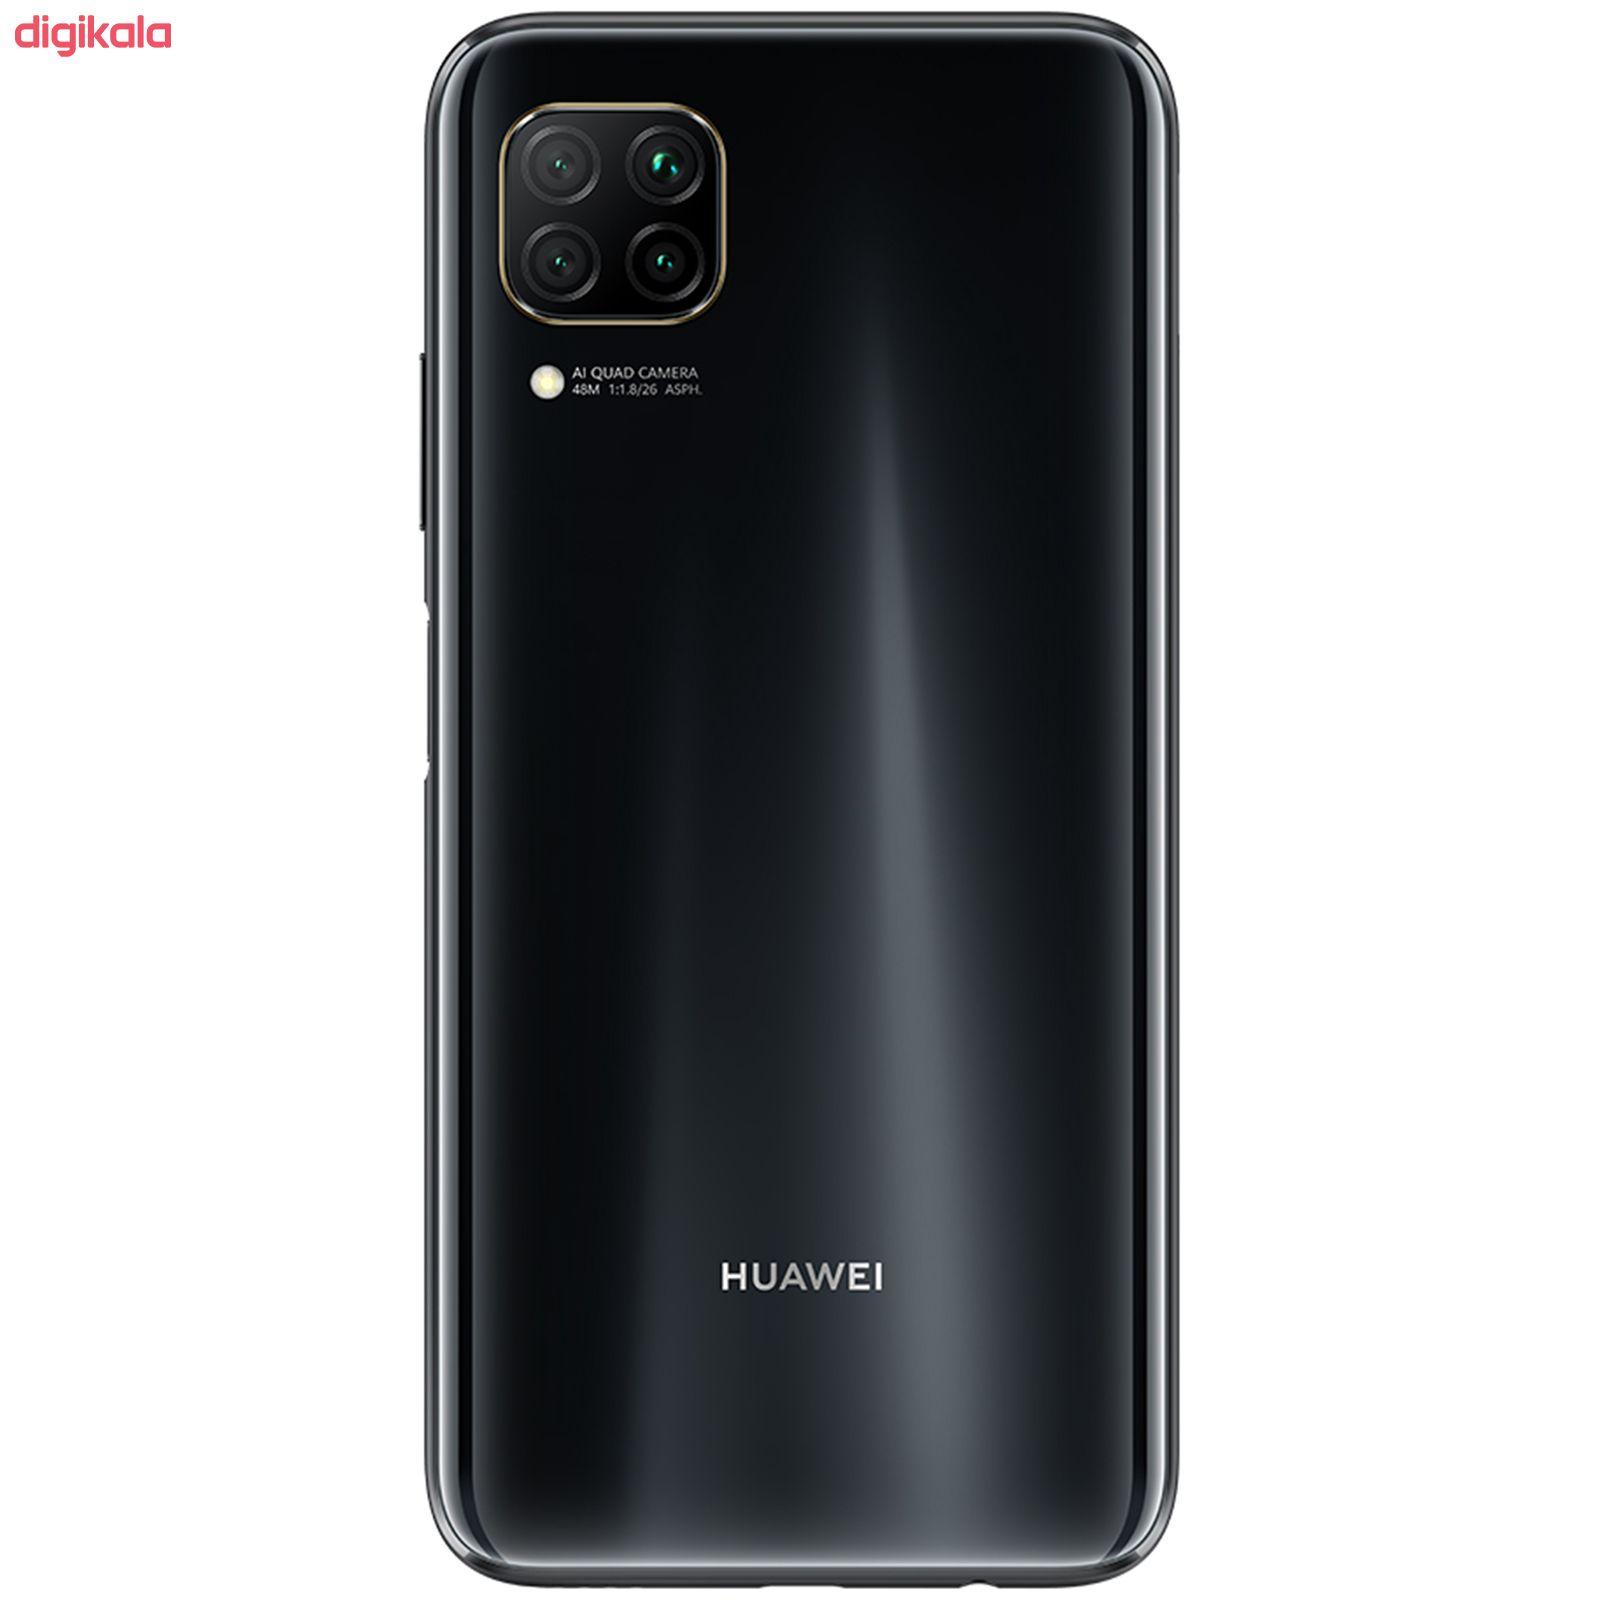 گوشی موبایل هوآوی مدل Nova 7i JNY-LX1 دو سیم کارت ظرفیت 128 گیگابایت main 1 5